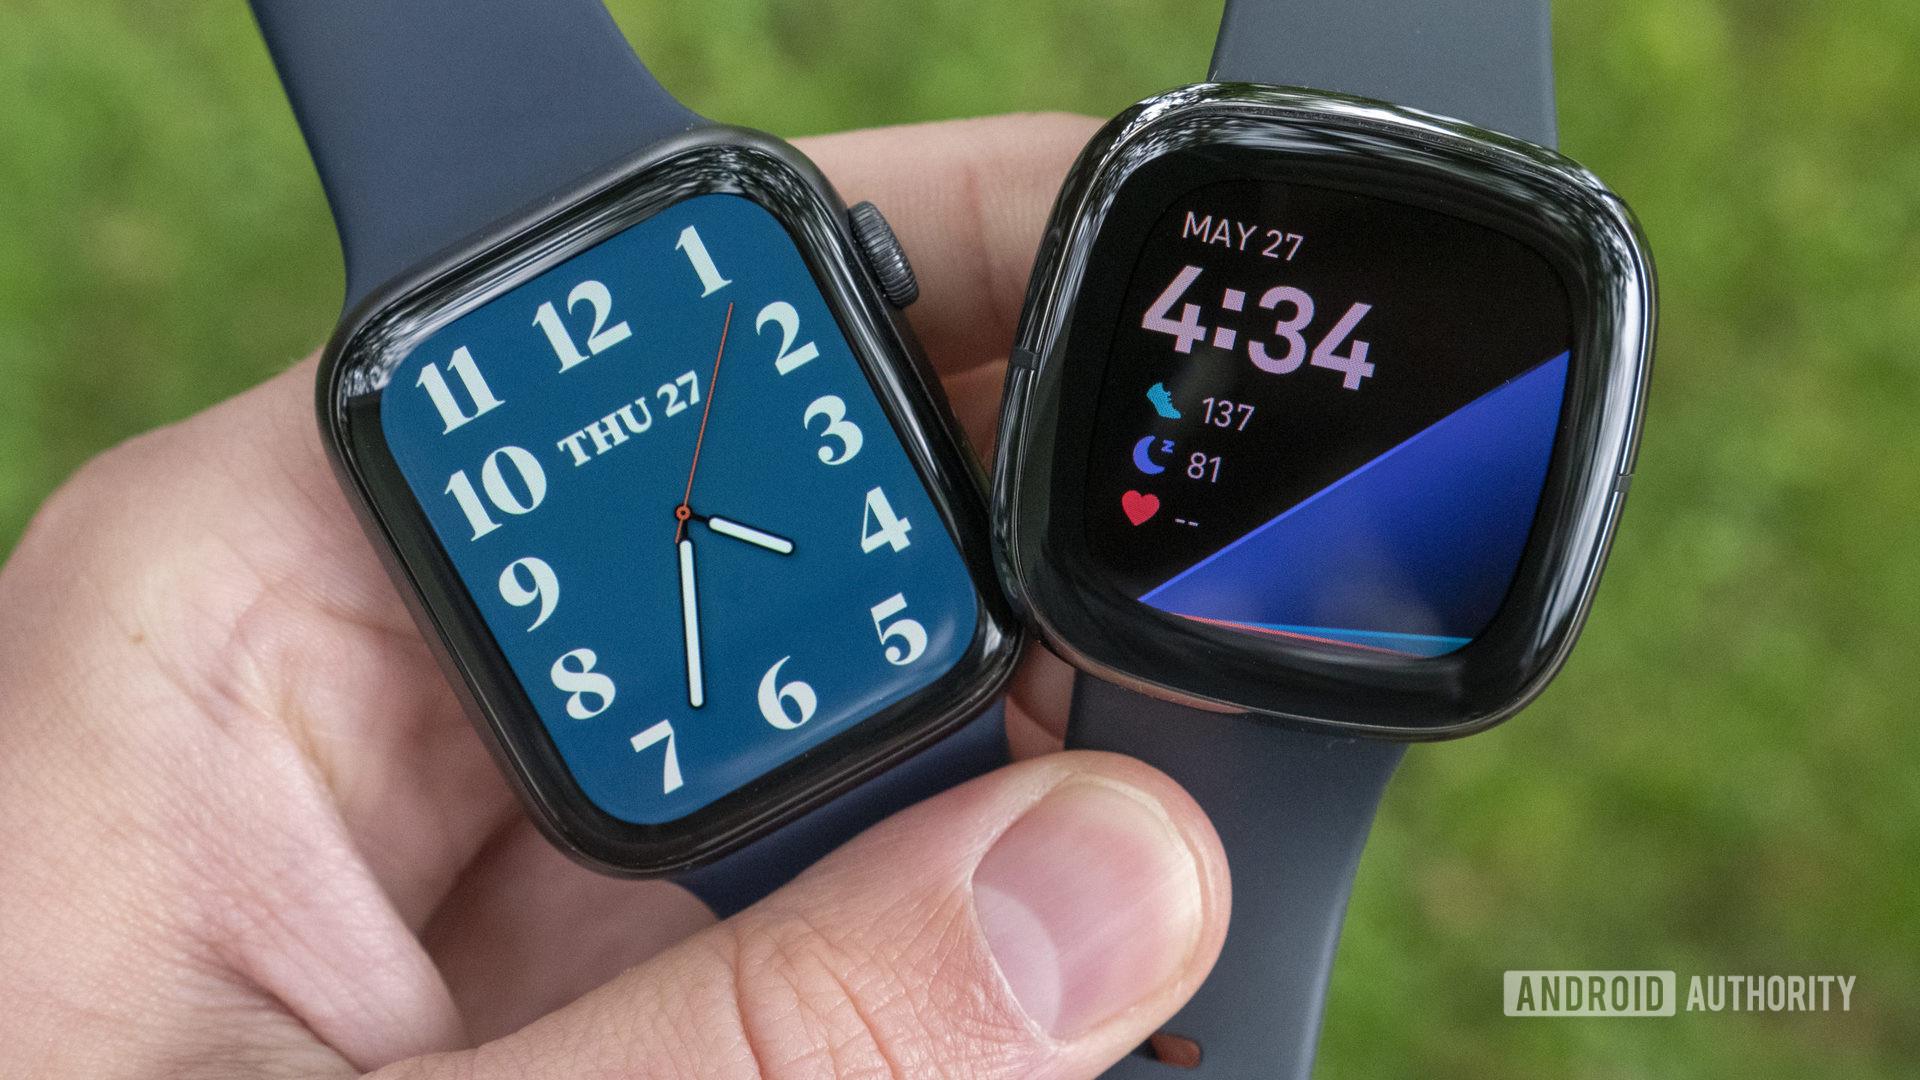 Fitbit Sense vs Apple Watch Series 6 watch faces displays 3